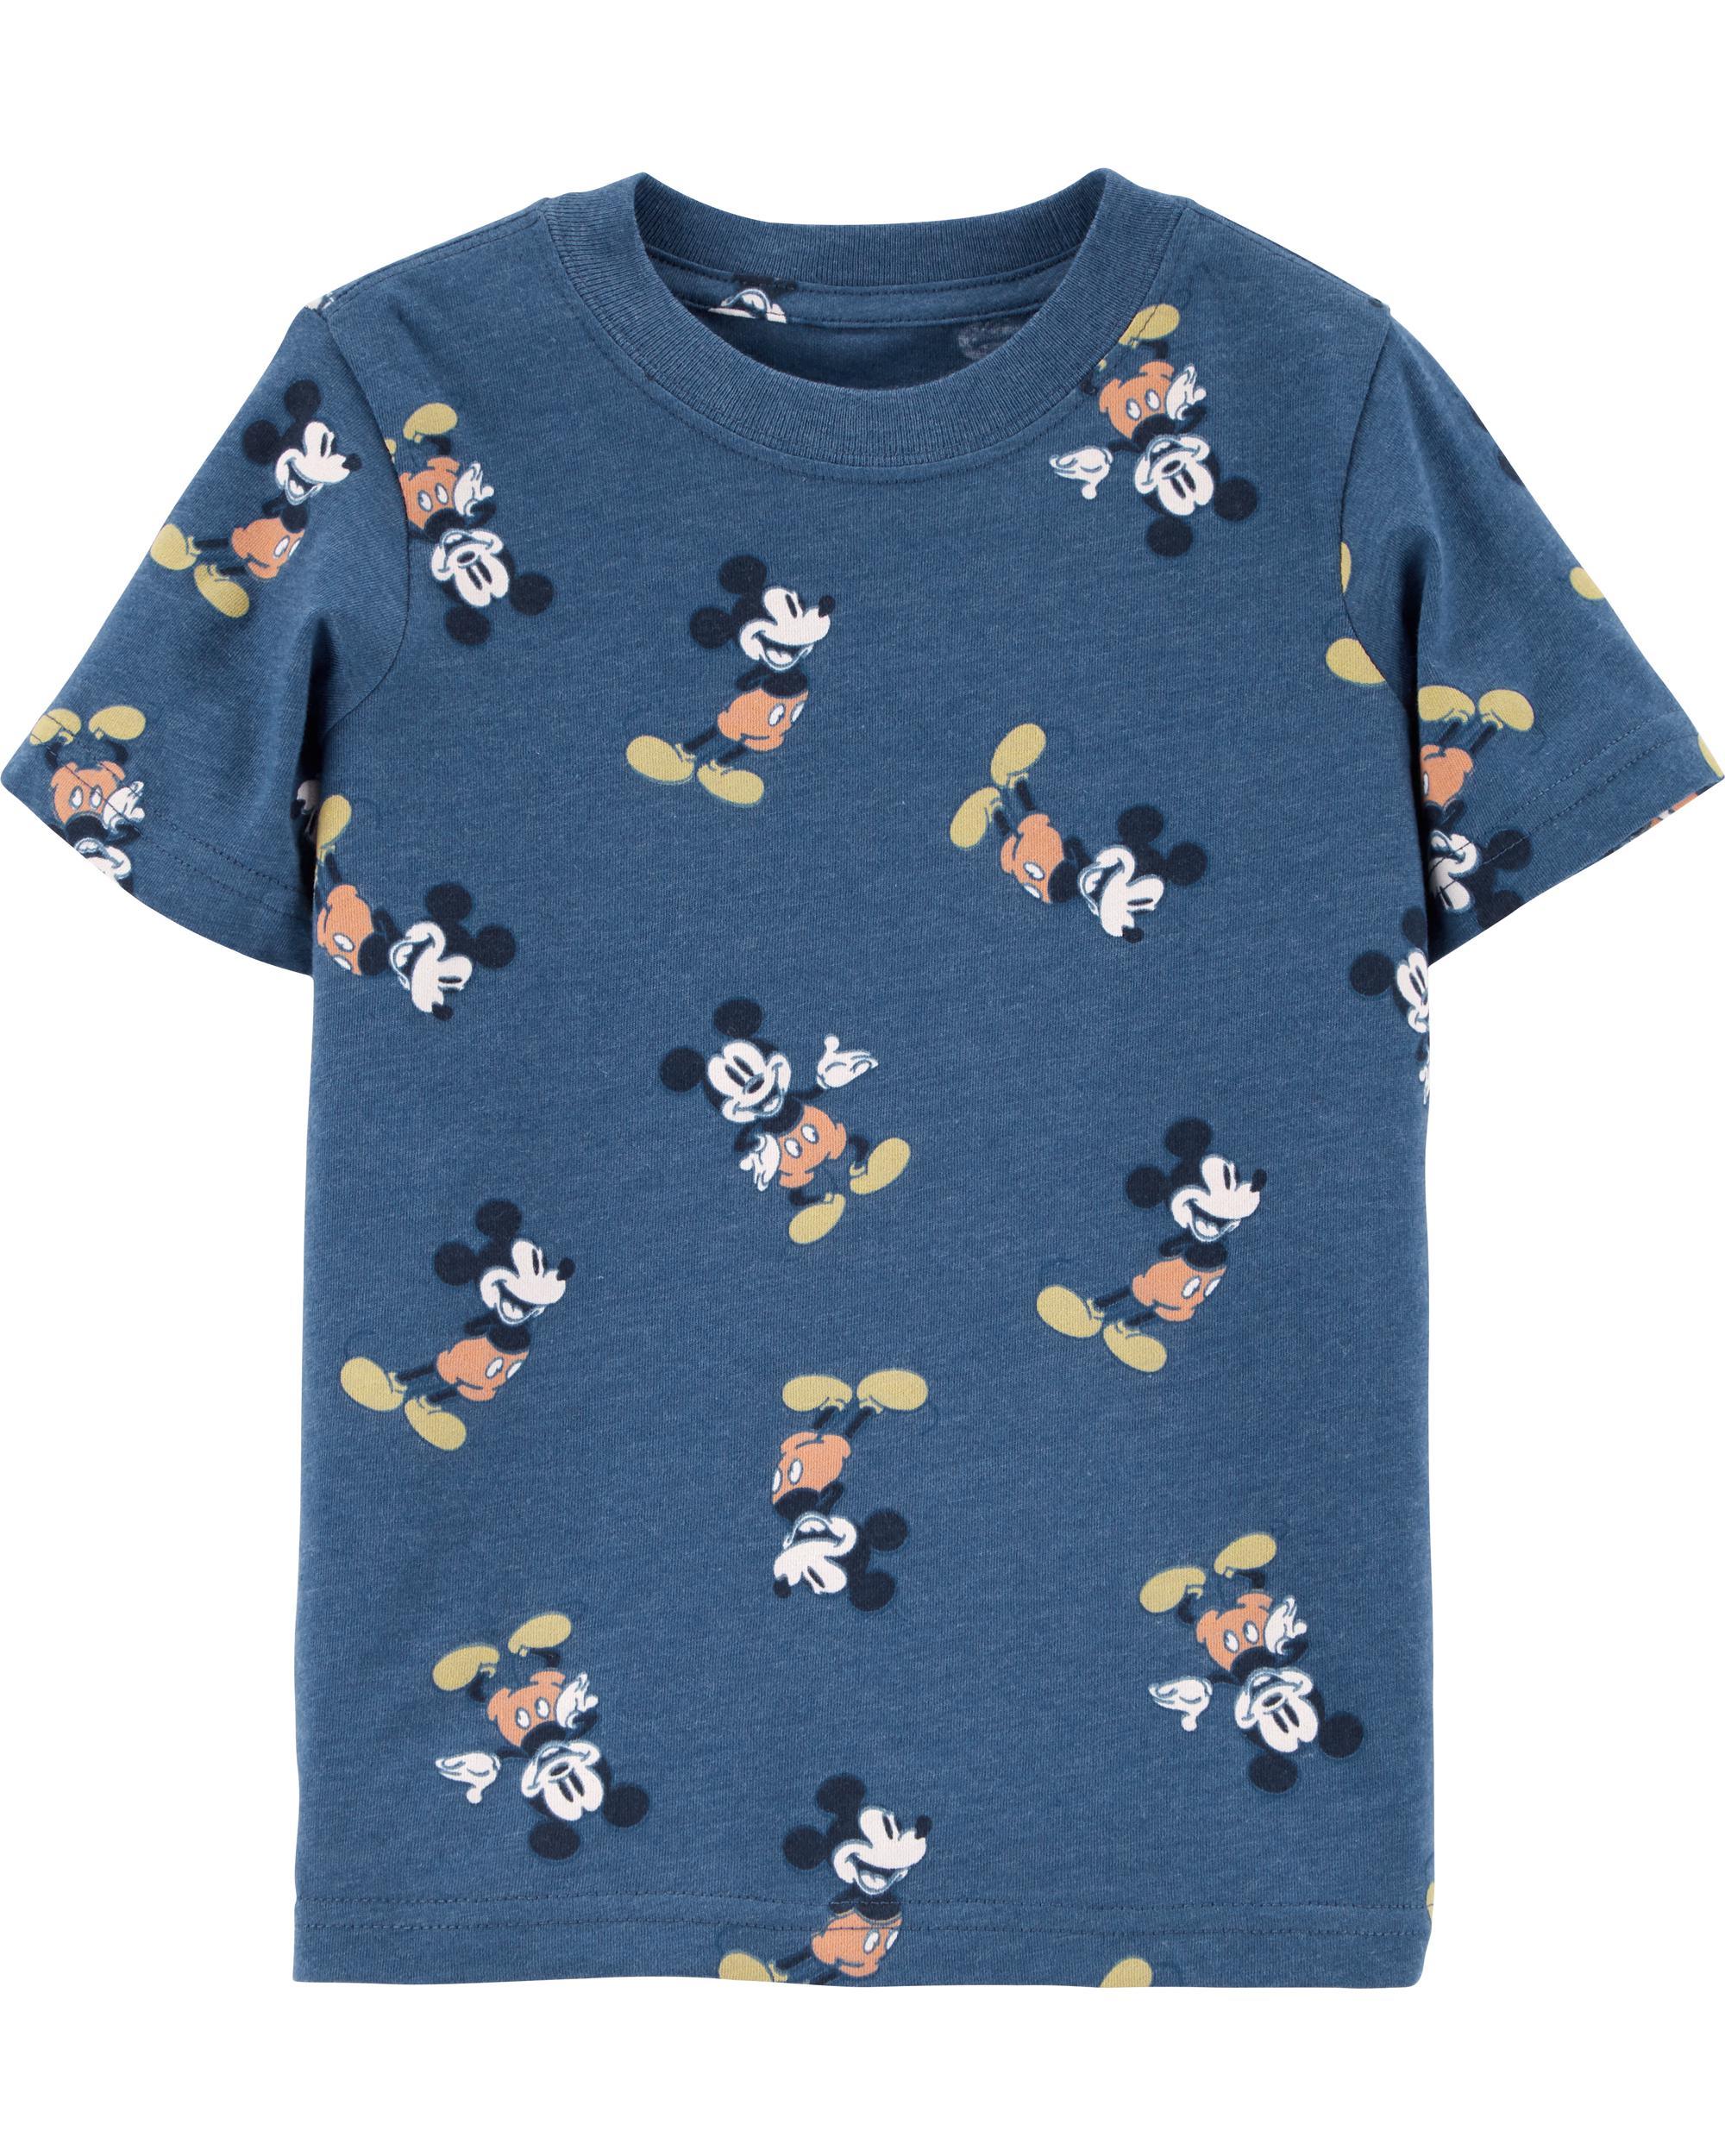 Mickey Mouse Tee Oshkosh Com